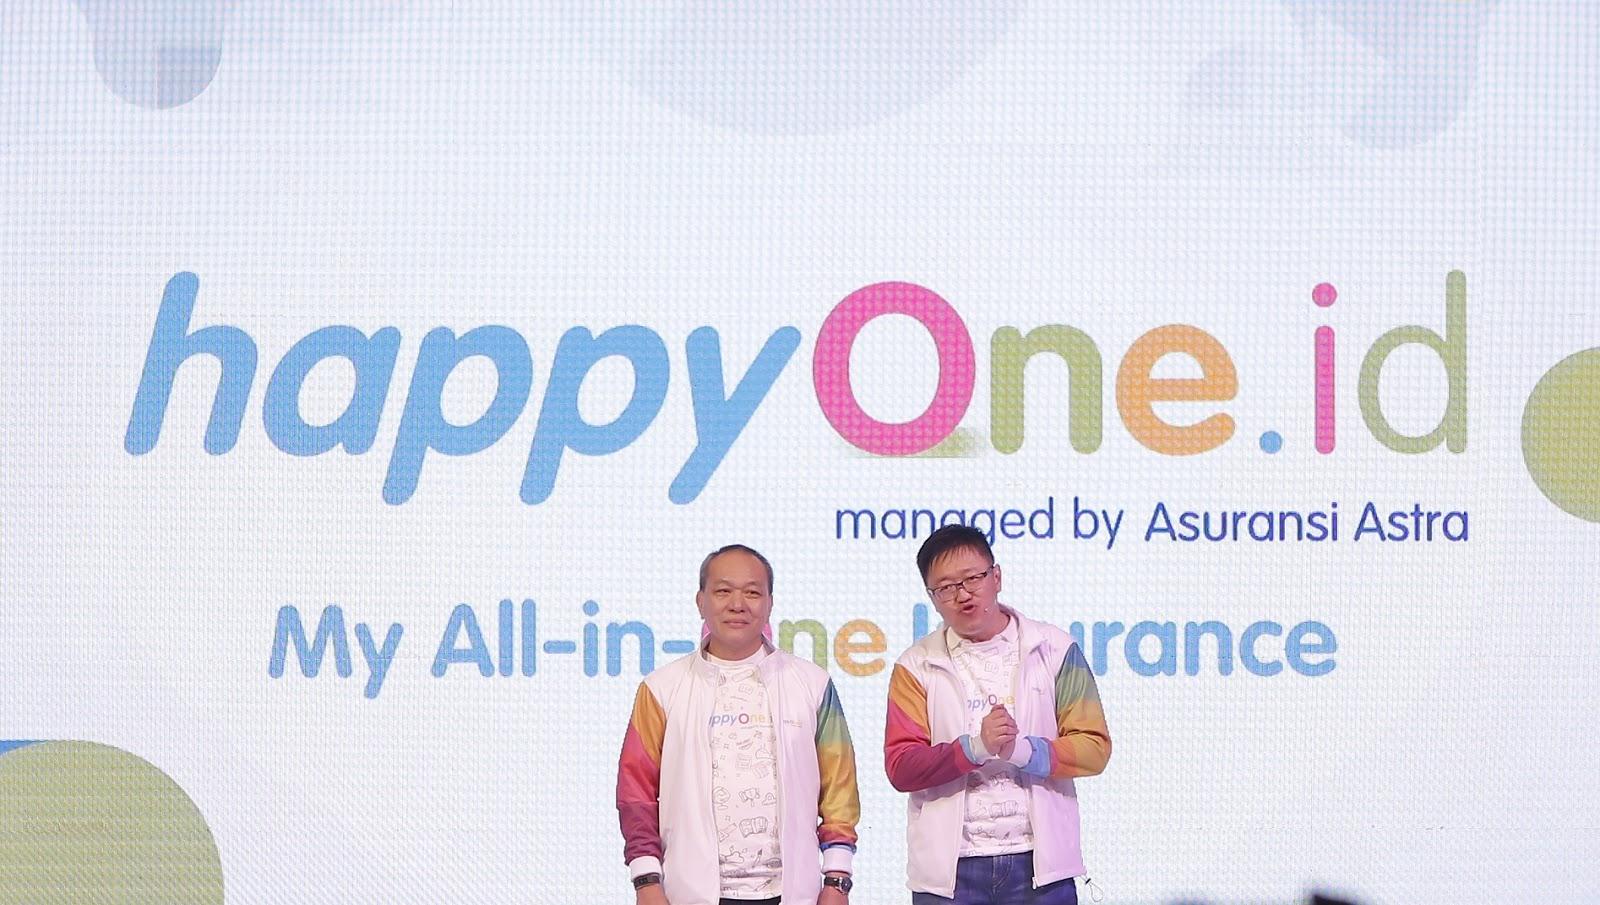 Indonesia Search Date 2018 10 28 Krezi Kamis 17 Speaker Robot Rs130 Wooden Multimedia Desktop Black Produk Asuransi Berbasis Digital Terbaru Astra Happyoneid Diluncurkan Pada Tanggal Yang Lalu Oleh Direktur International